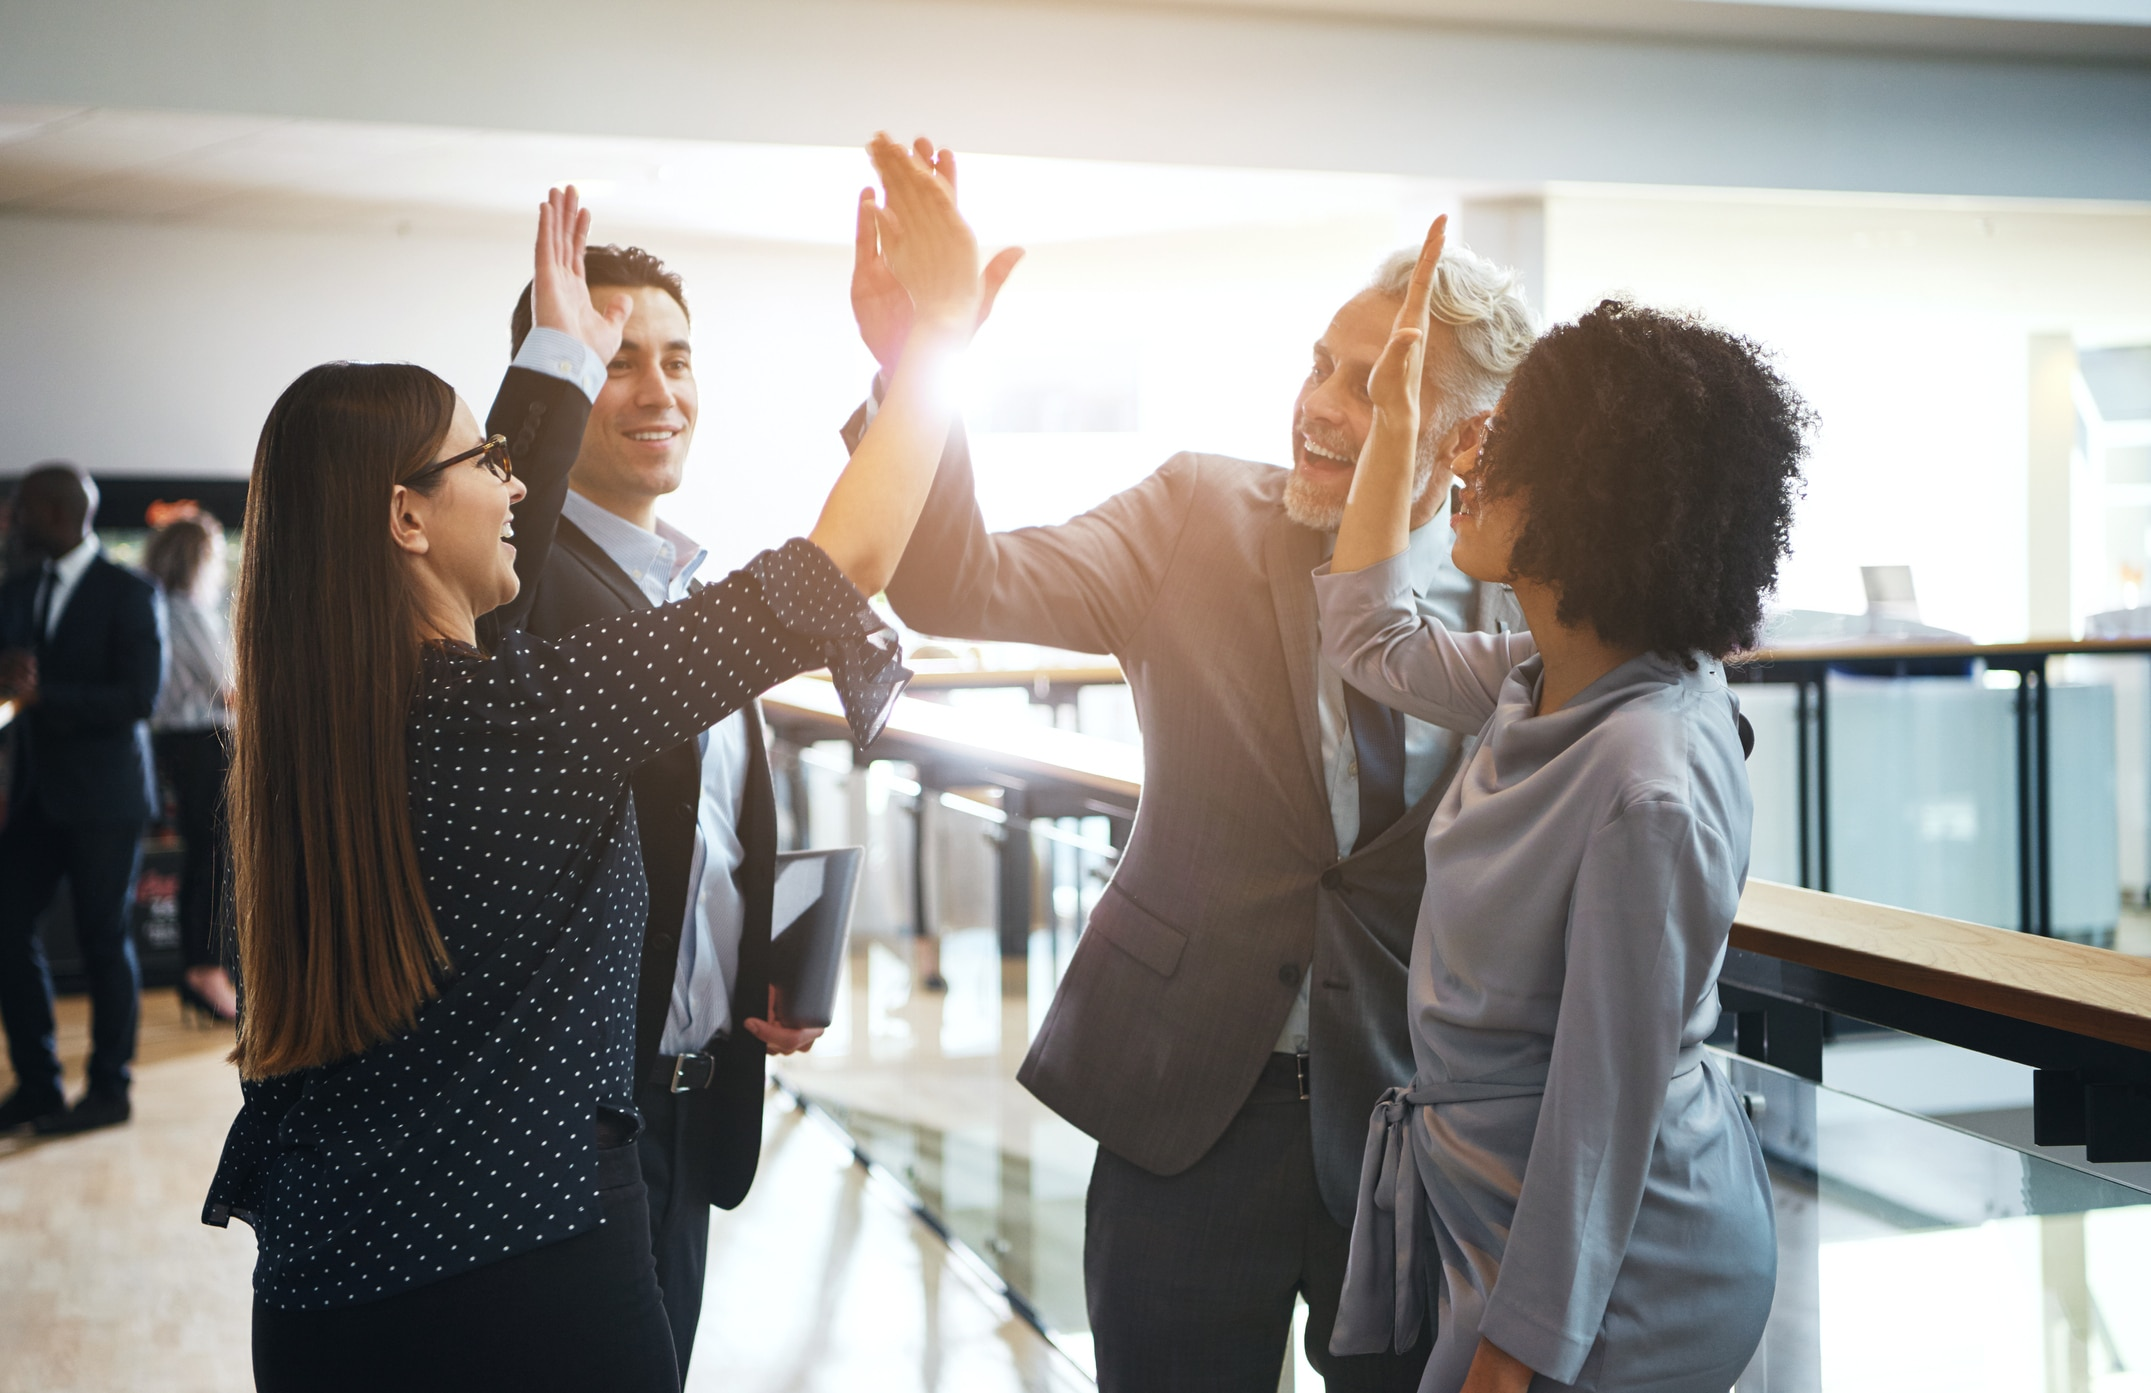 10 puntos para incentivar la felicidad en el ambiente de trabajo   Impulsa  Popular   Banco Popular Dominicano : Impulsa Popular   Banco Popular  Dominicano